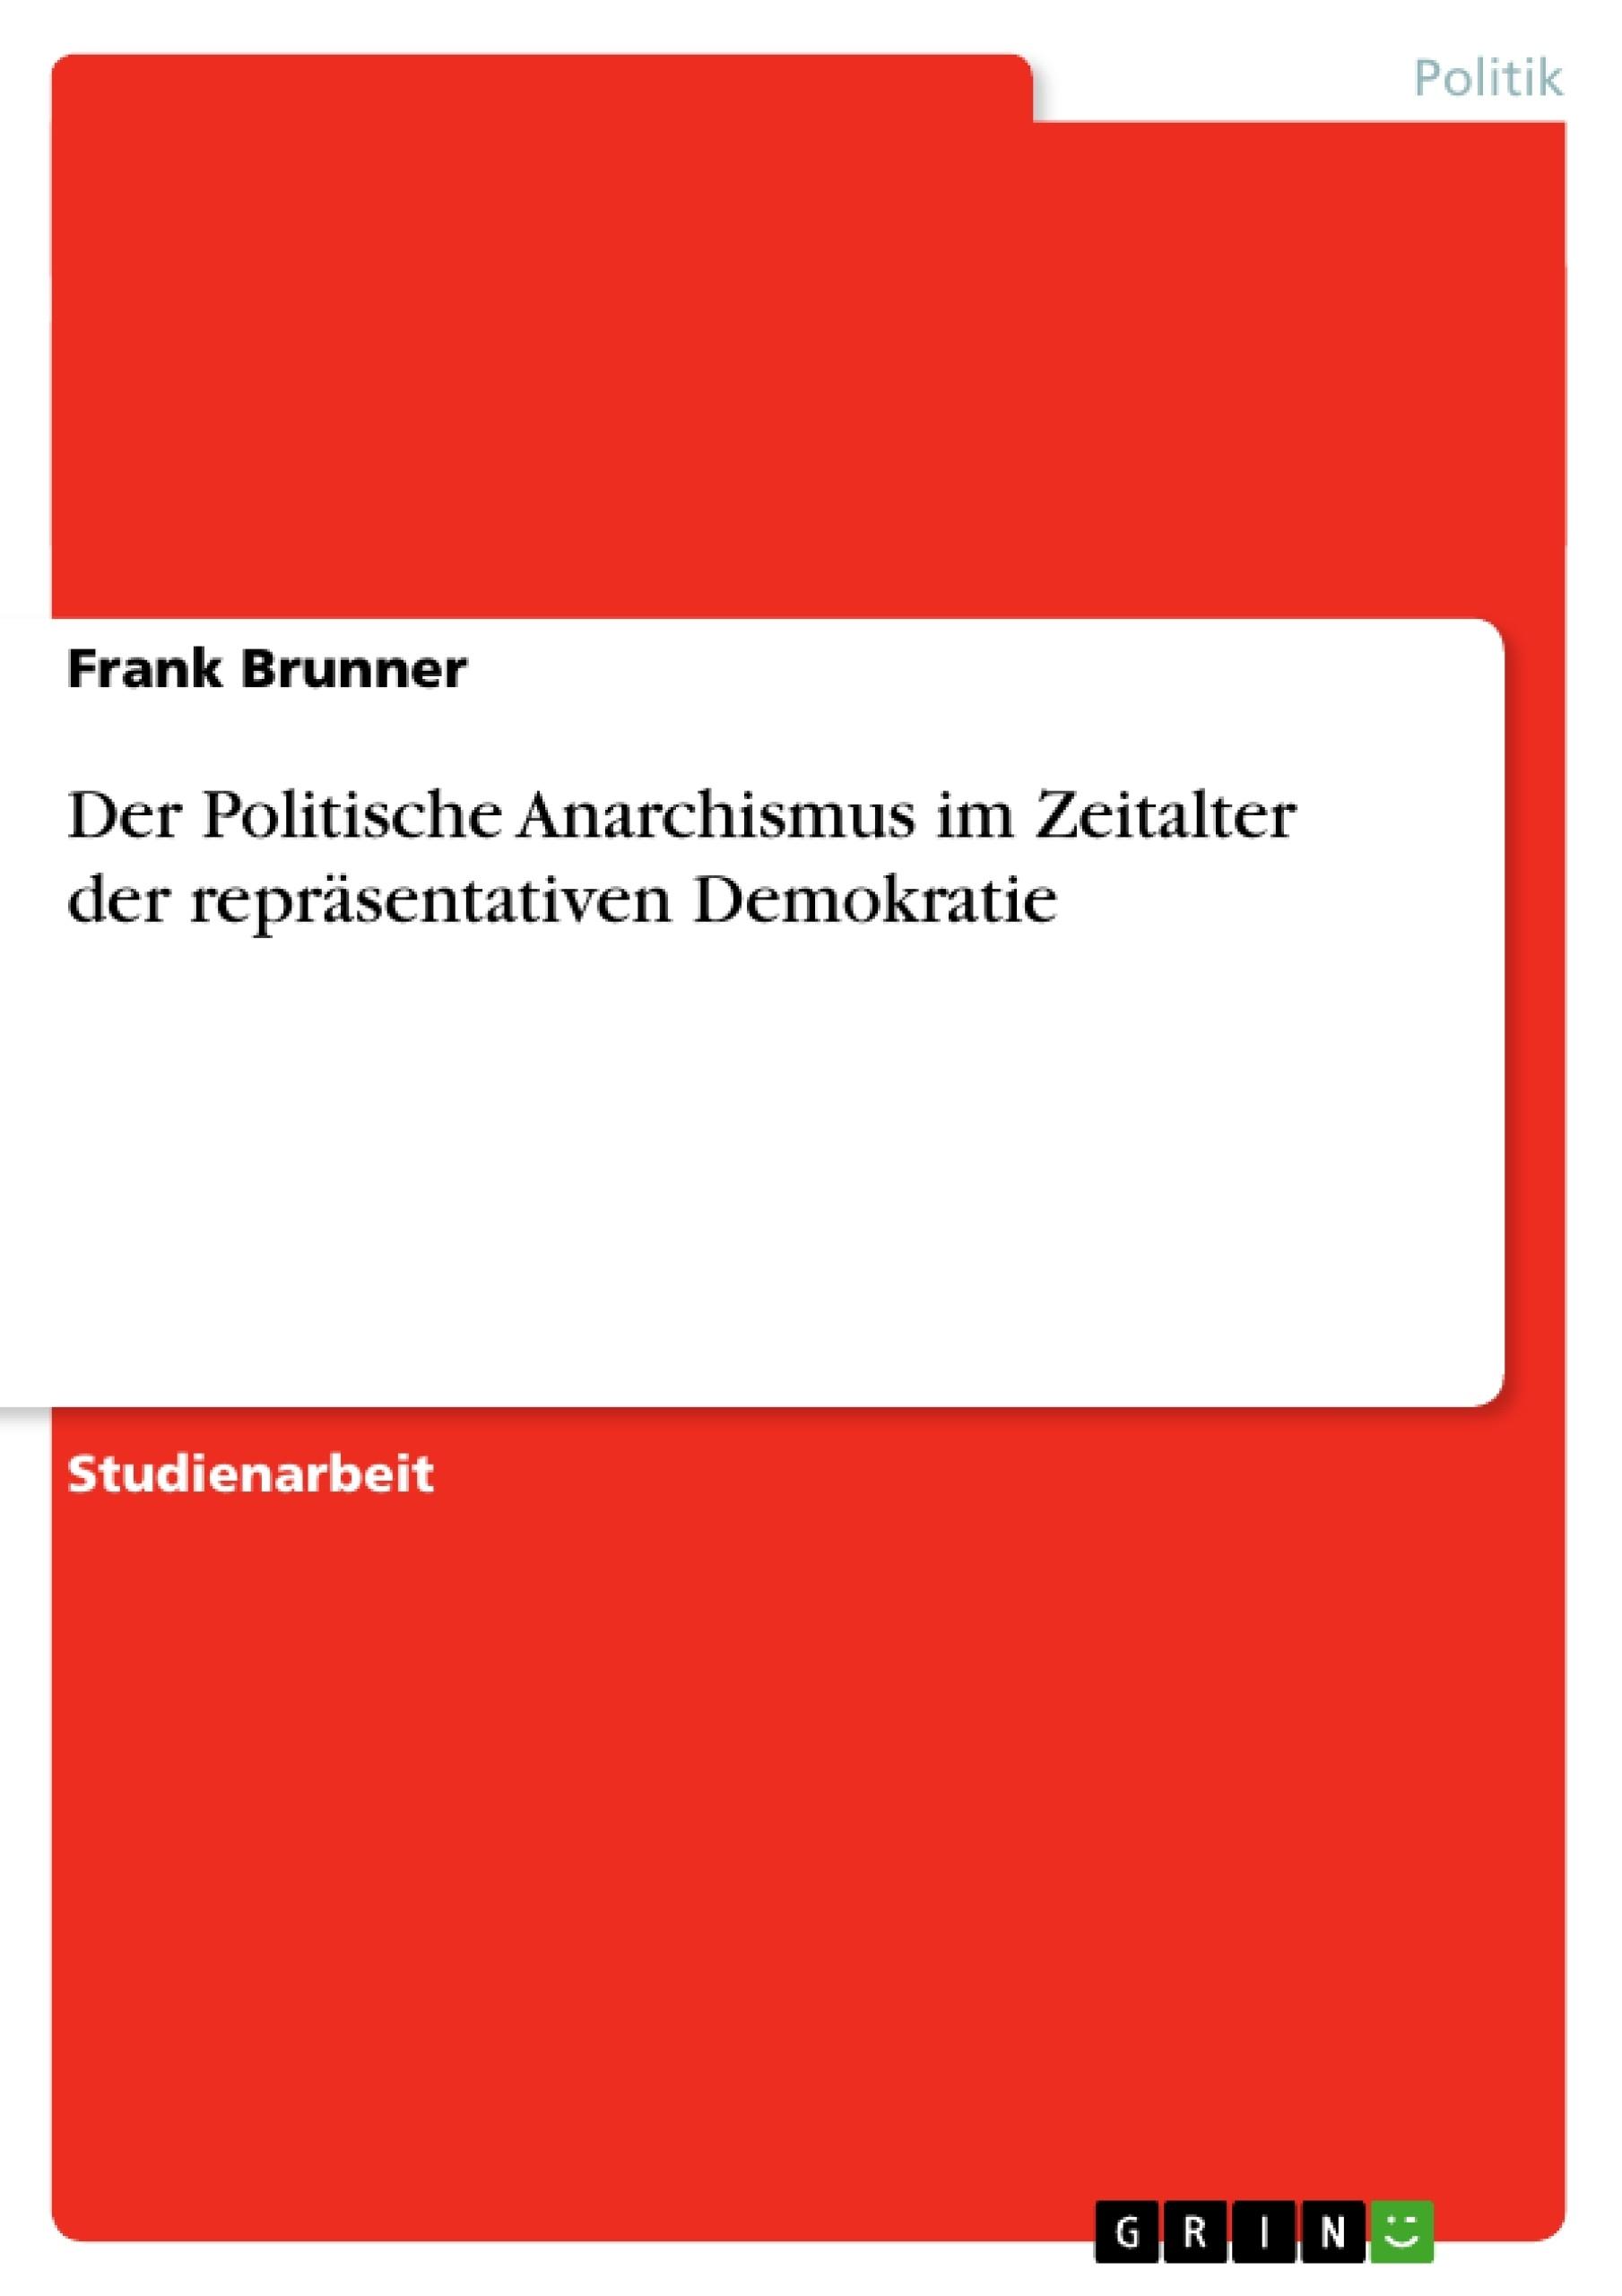 Titel: Der Politische Anarchismus im Zeitalter der repräsentativen Demokratie